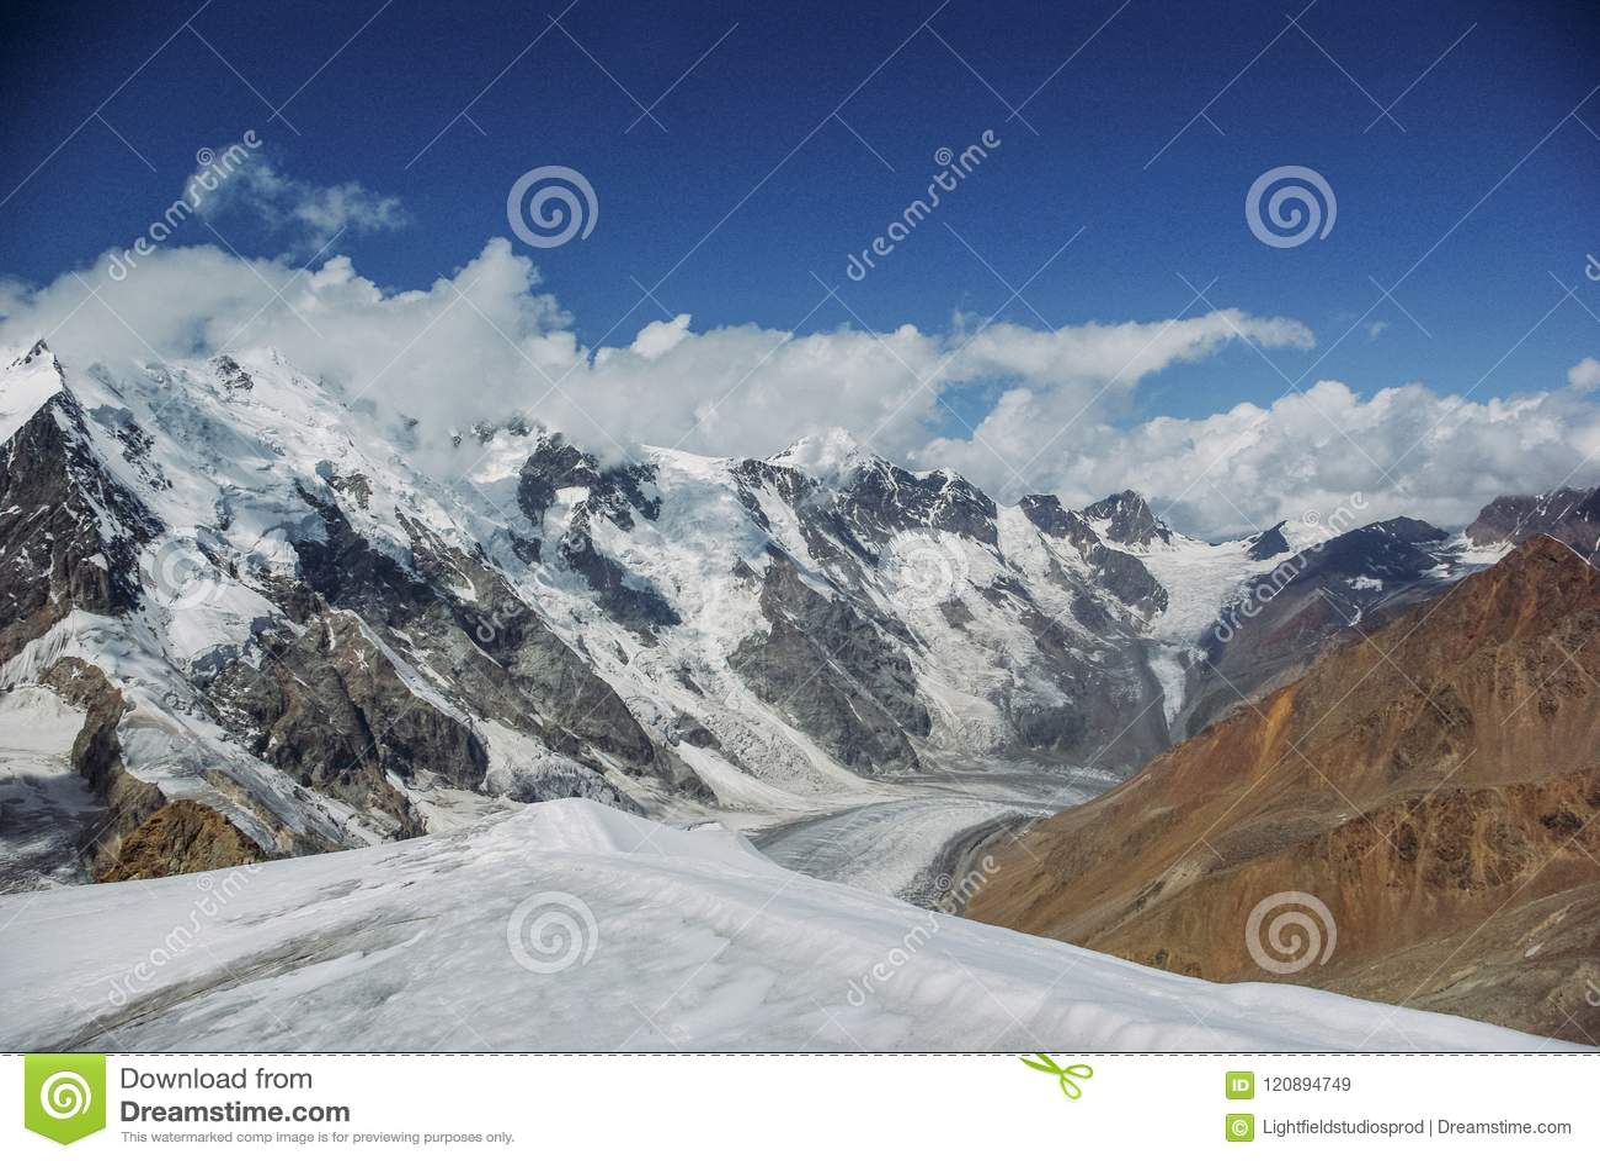 山惊人的看法环境美化与雪,俄罗斯联邦,高加索,